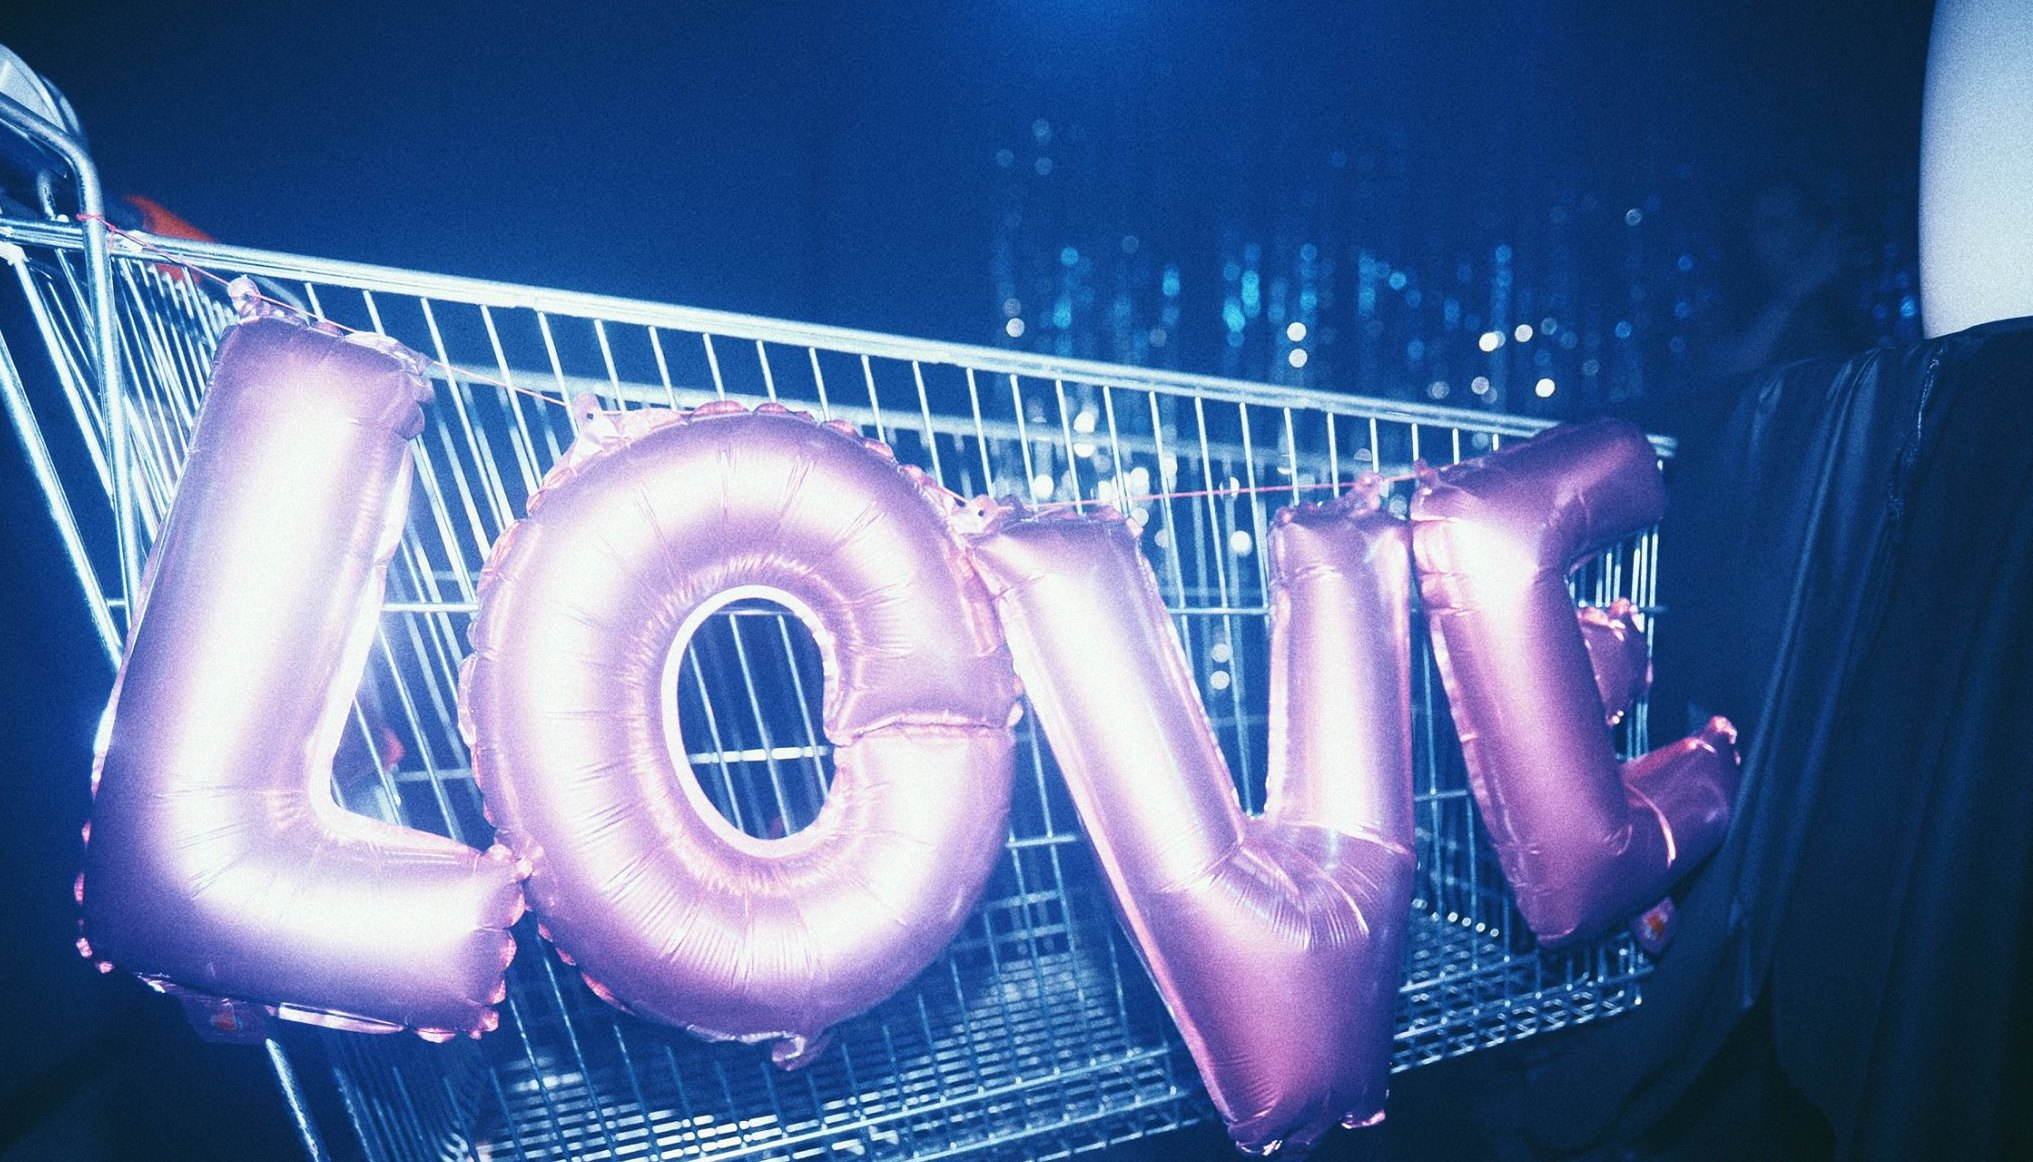 Solo due rampe di scale tra voi e la felicità, questa è Discoteca Paradiso, la serata del sabato dell'Arci Ohibò di MIlano: Italo disco, electro, funky